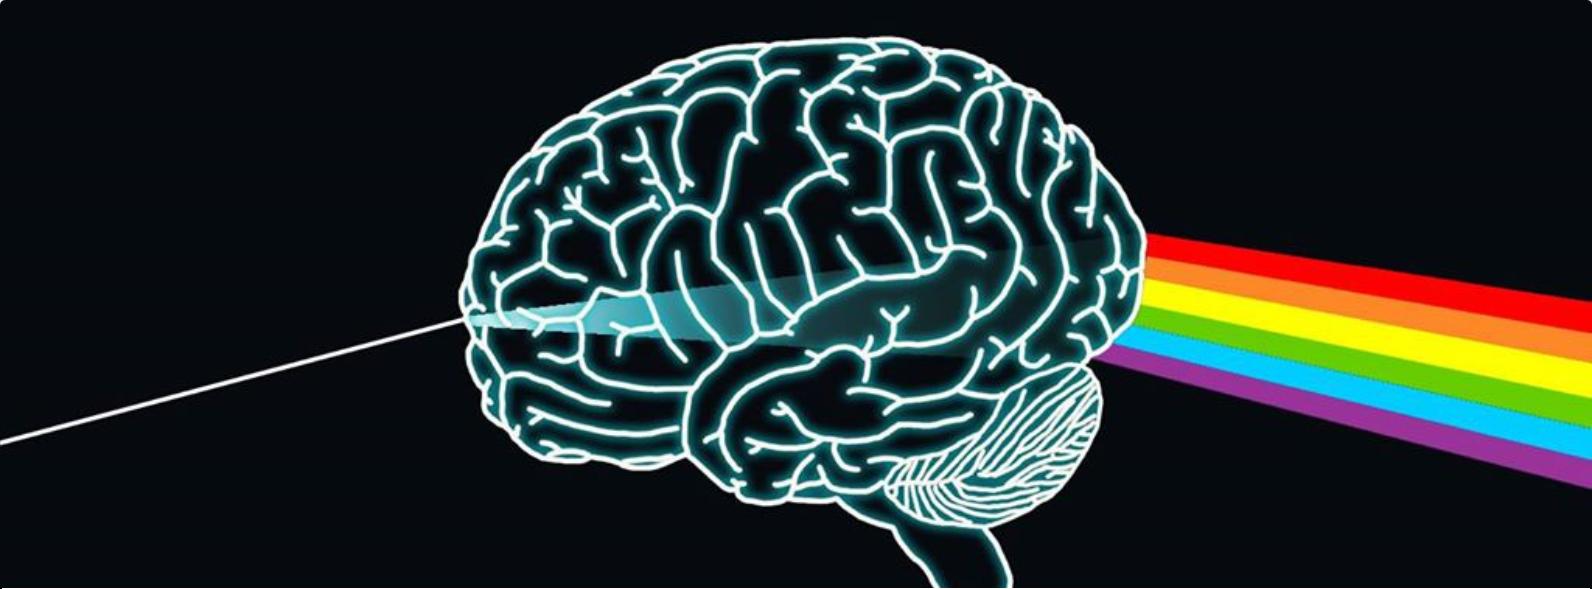 L'Ego survient par la maladie des gènes-conscience